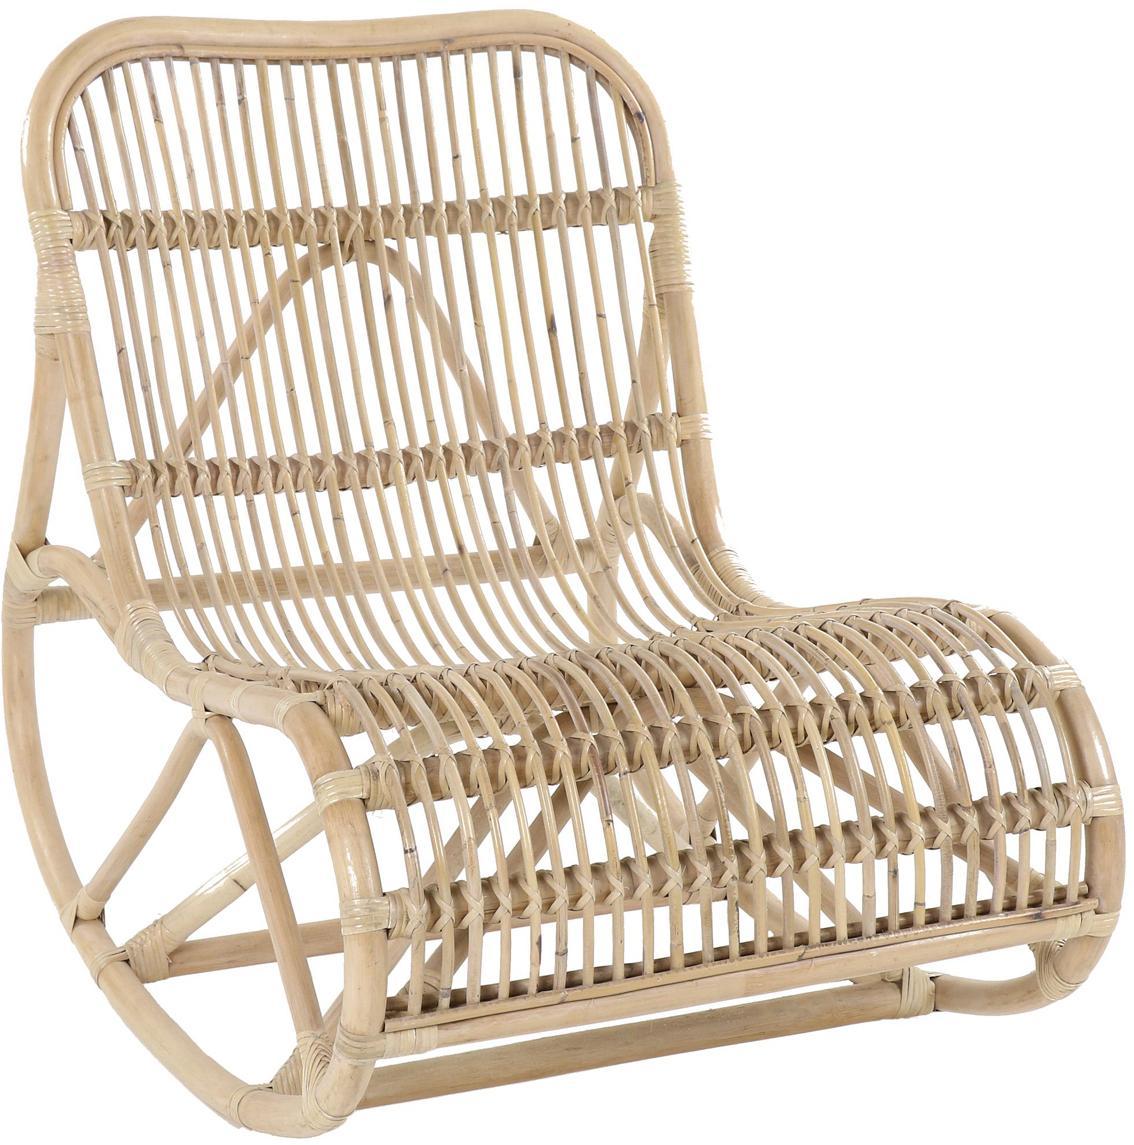 Fotel bujany  z rattanu Kim, Rattan naturalny, Rattan, S 62 x G 90 cm